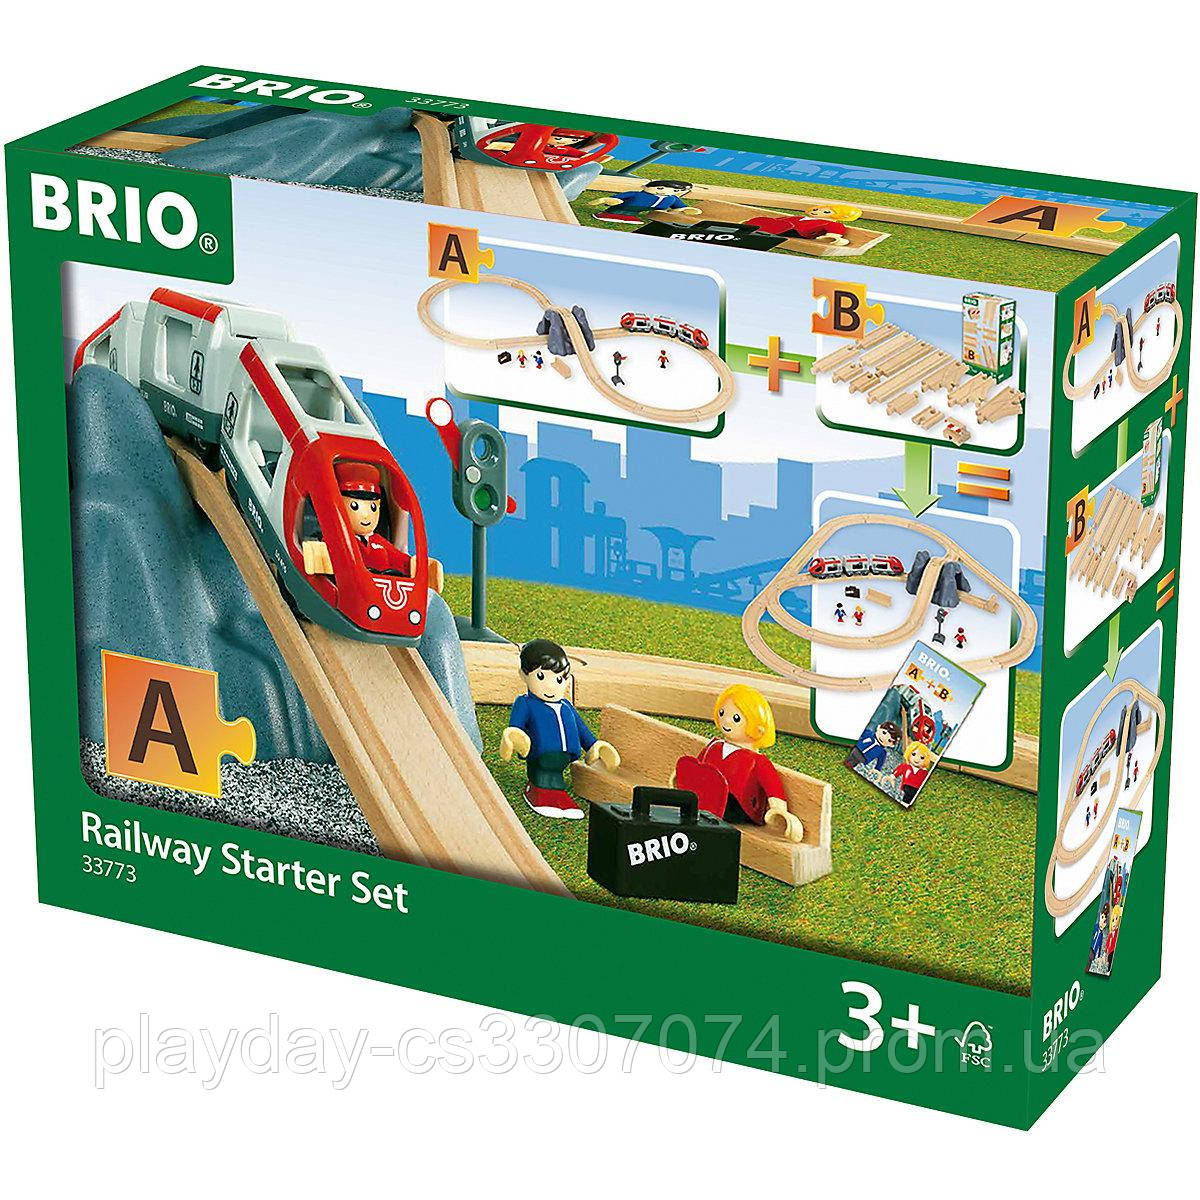 Стартовый набор деревянной железной дороги Brio метро Railway Starter Set